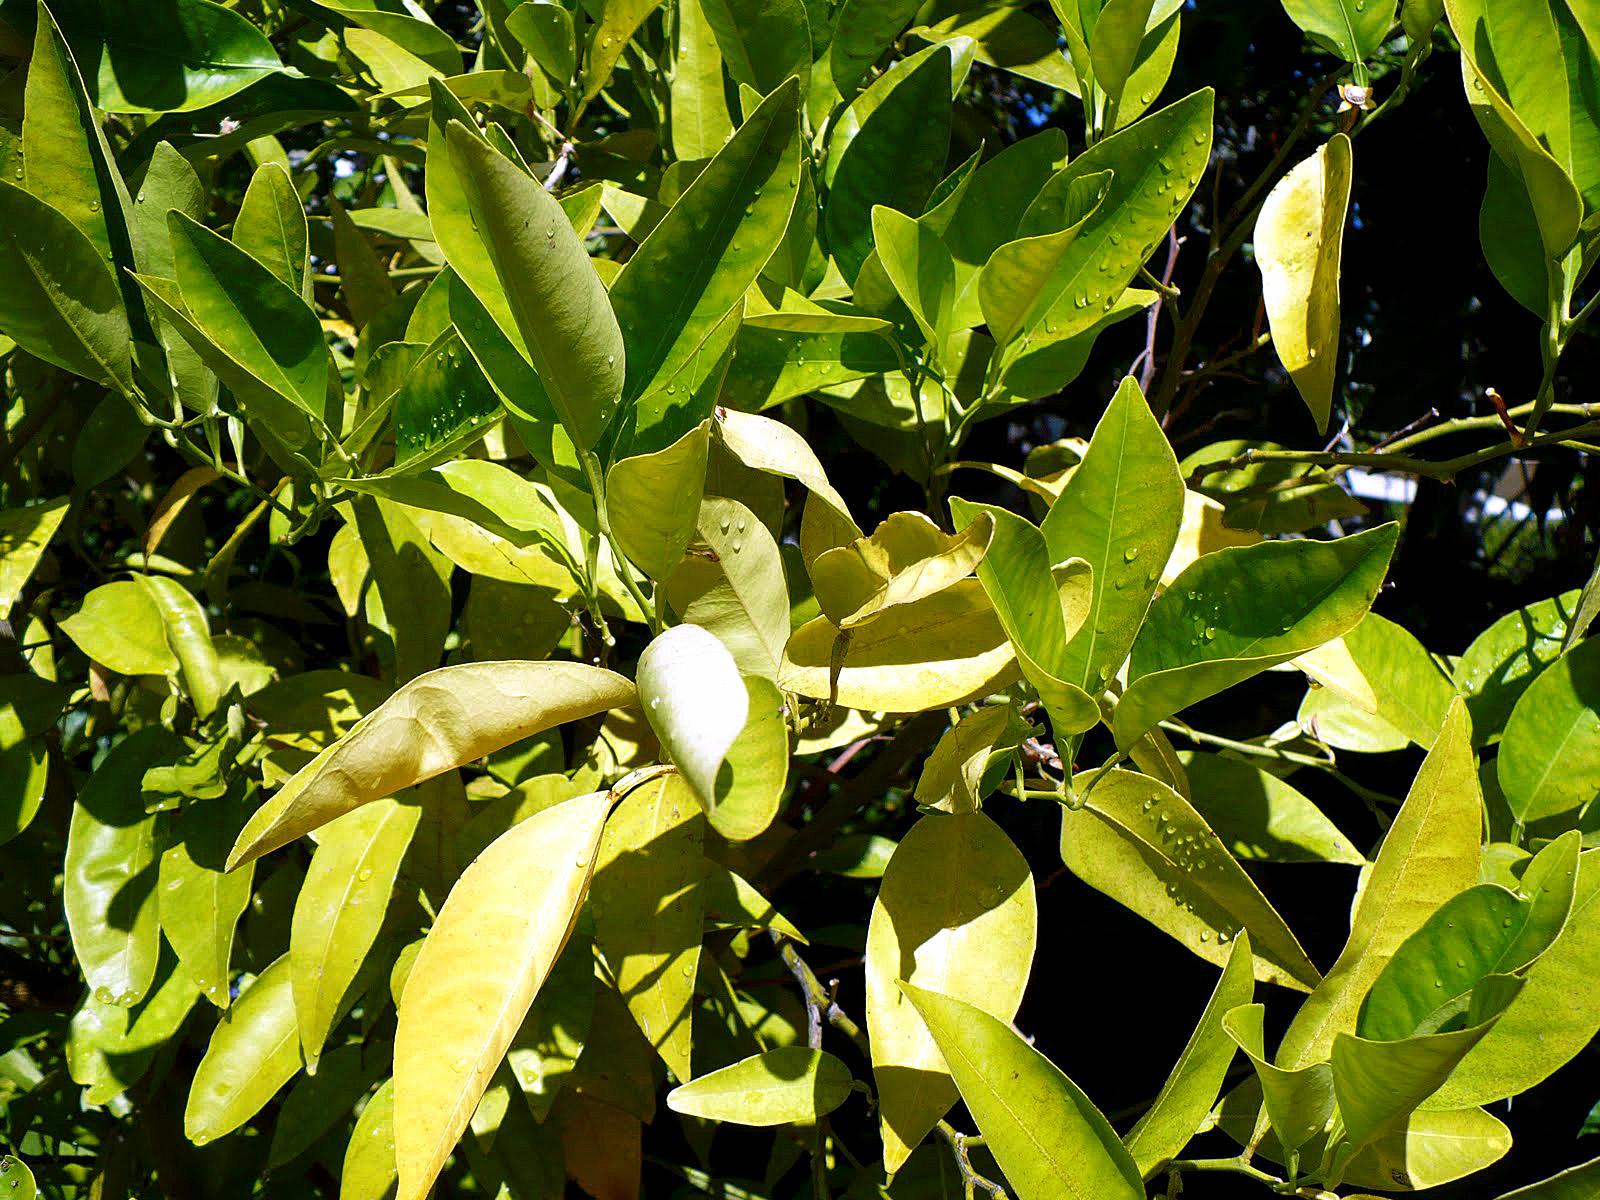 Diy Indoor Herb Garden With Grow Light